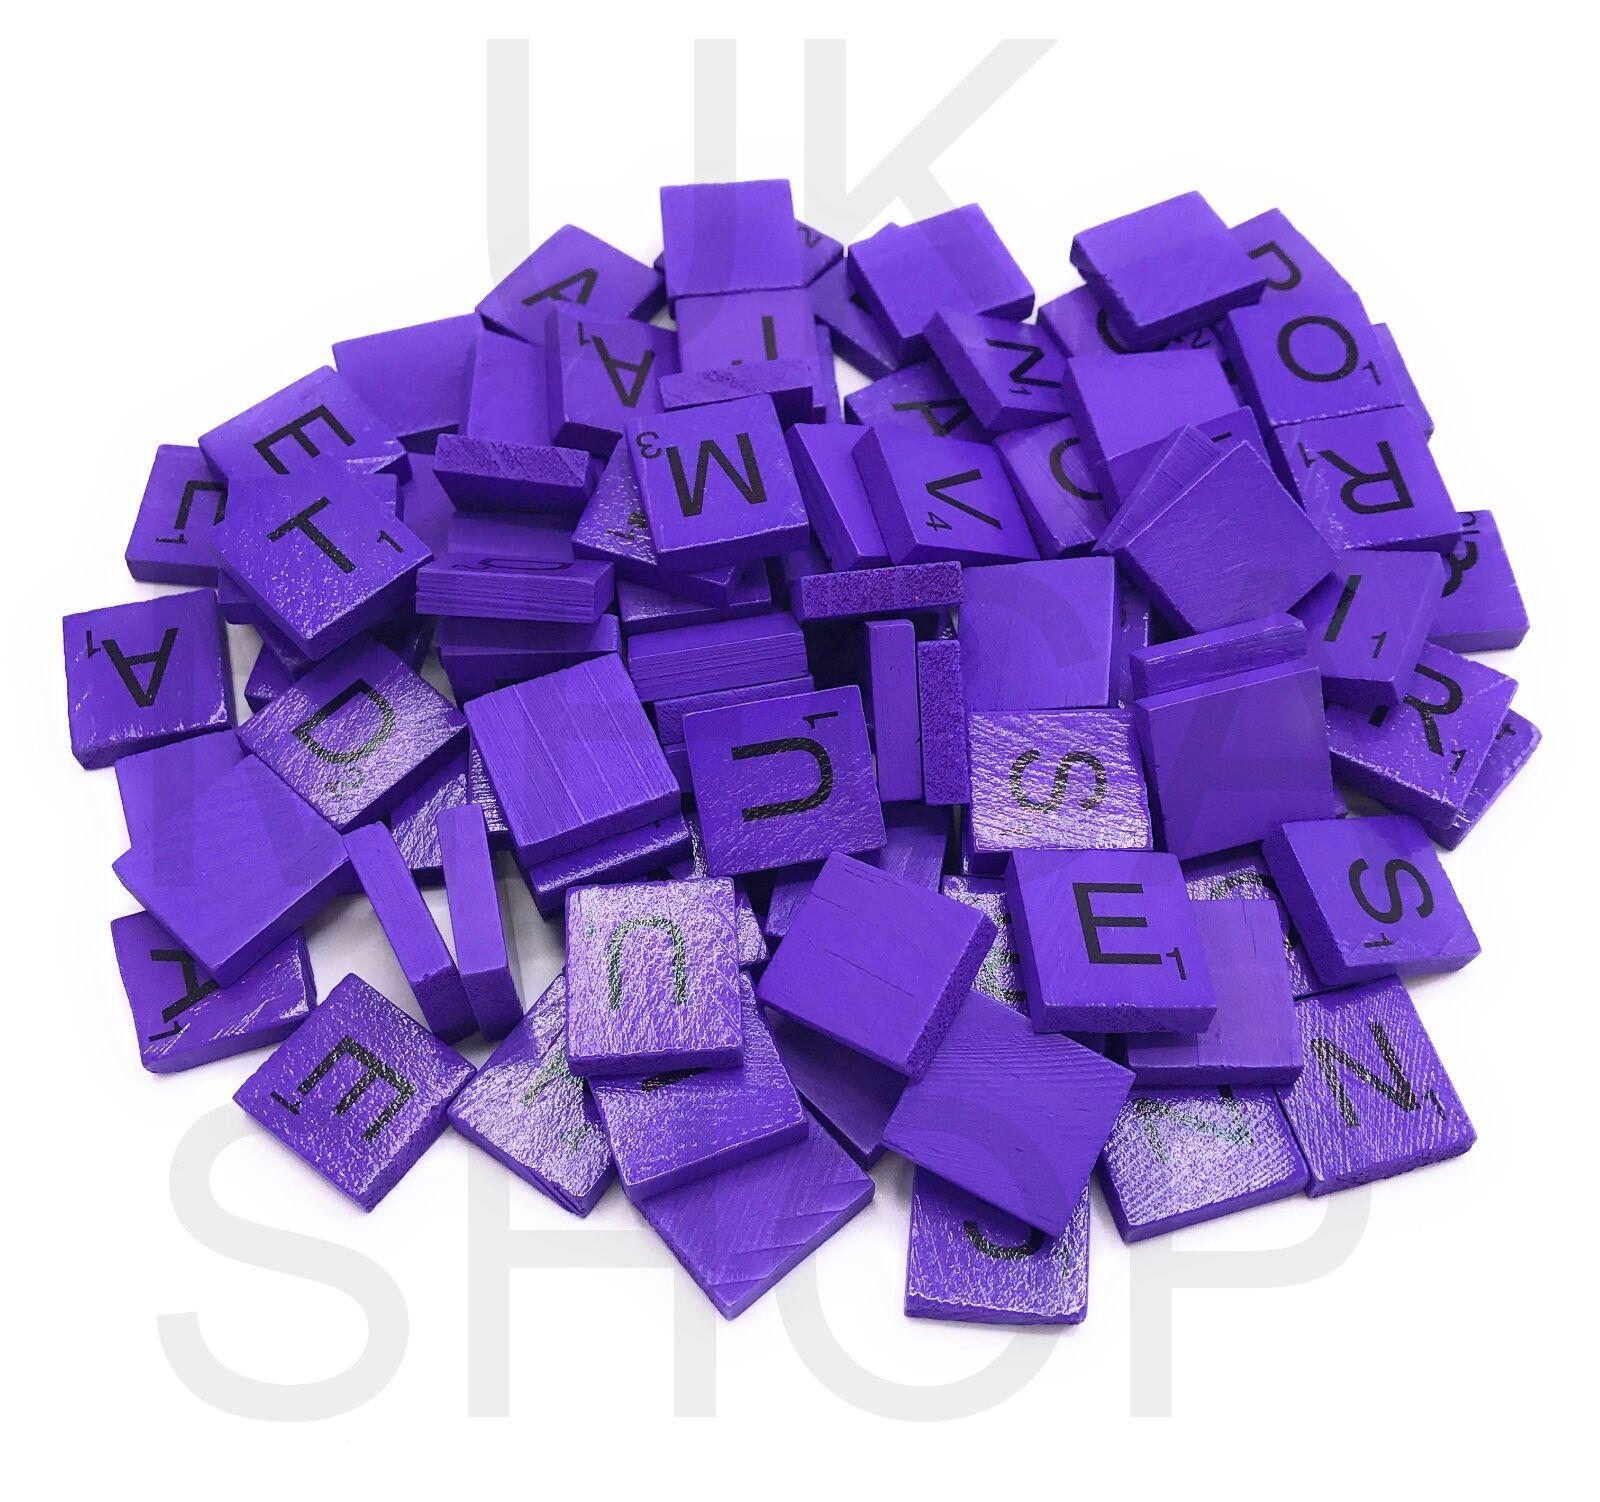 De Madera Scrabble Azulejos Azulejos Azulejos De Color Tamaño Completo Conjunto para Arte y Manualidades Álbum De Recortes Cartas a125cf